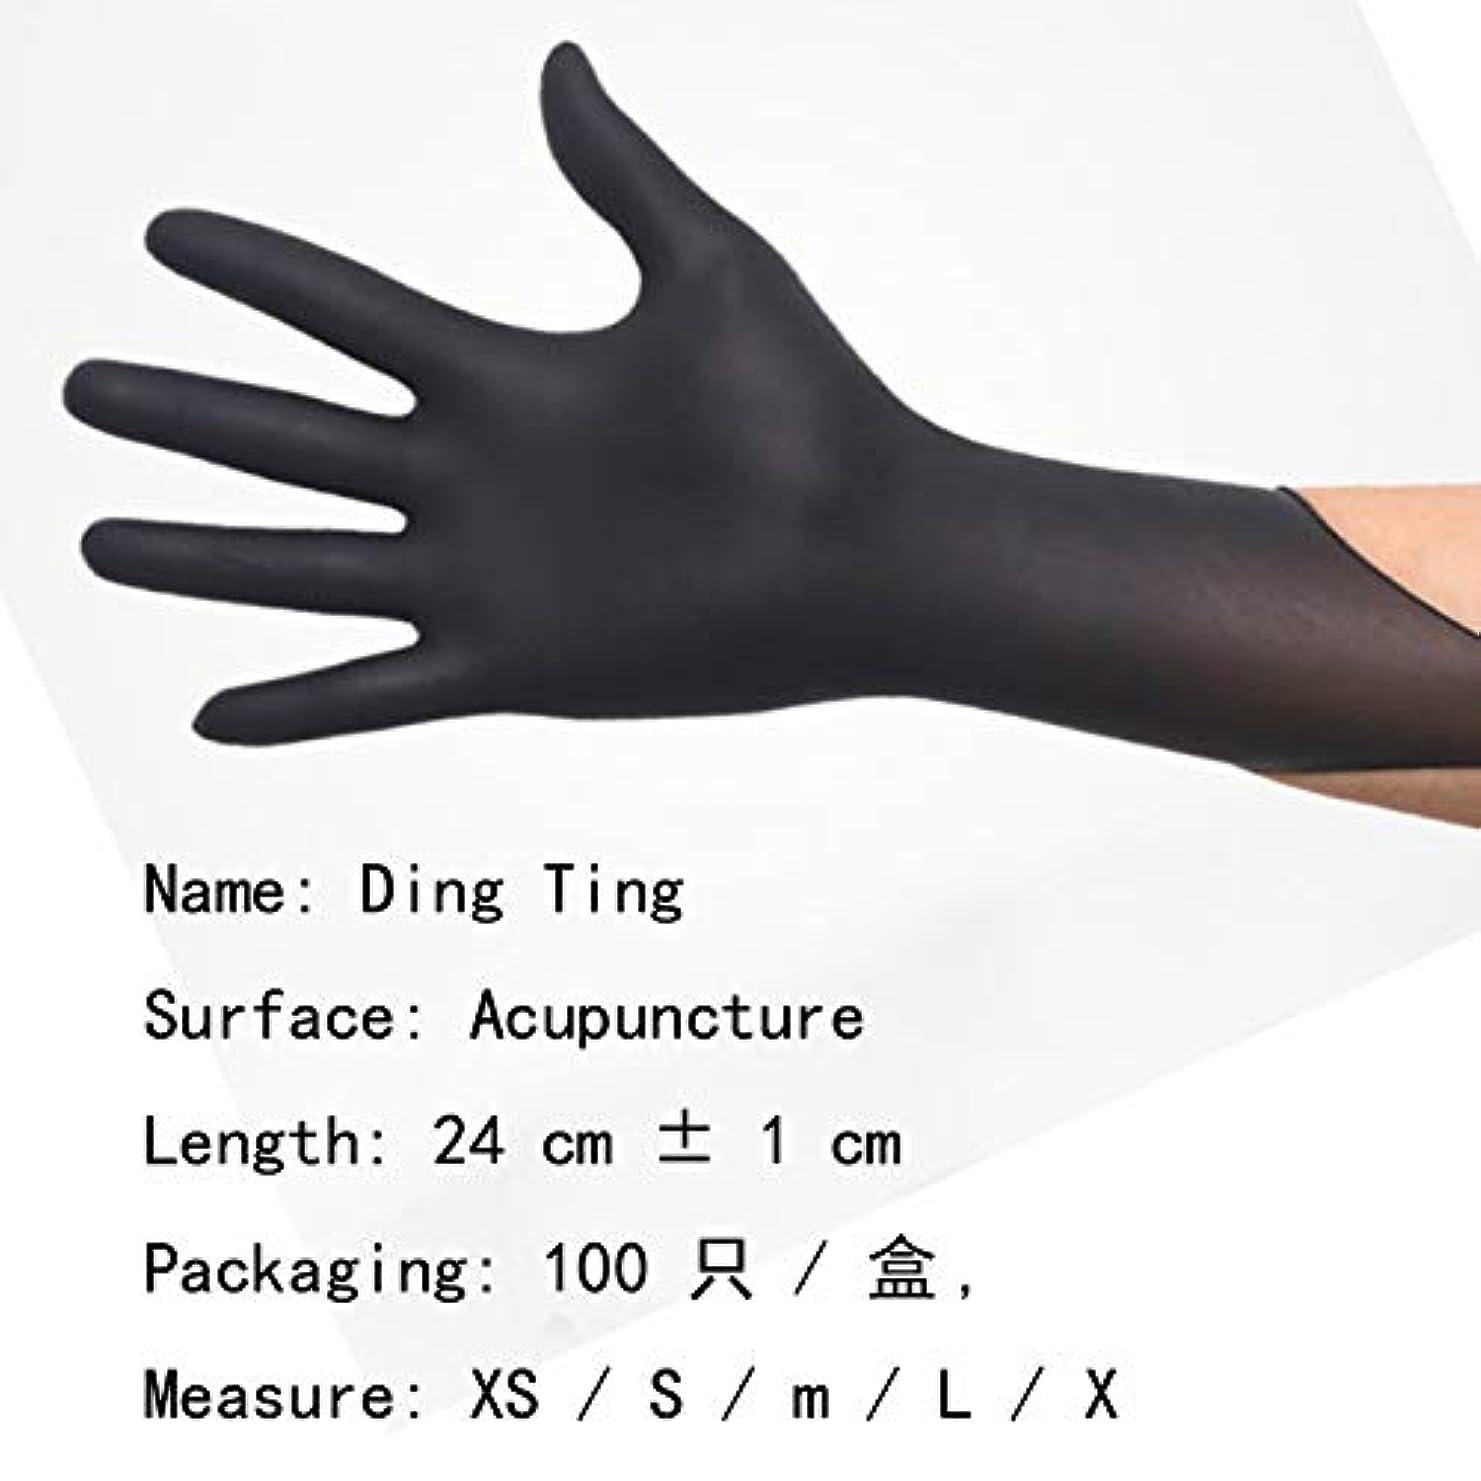 作り上げるオーク醜いニトリル手袋黒ニトリル4ミル厚使い捨て手袋×ラージケース100試験医療用ラテックスフリーブラックM-L食品、工業用、クリーニング (Size : L)